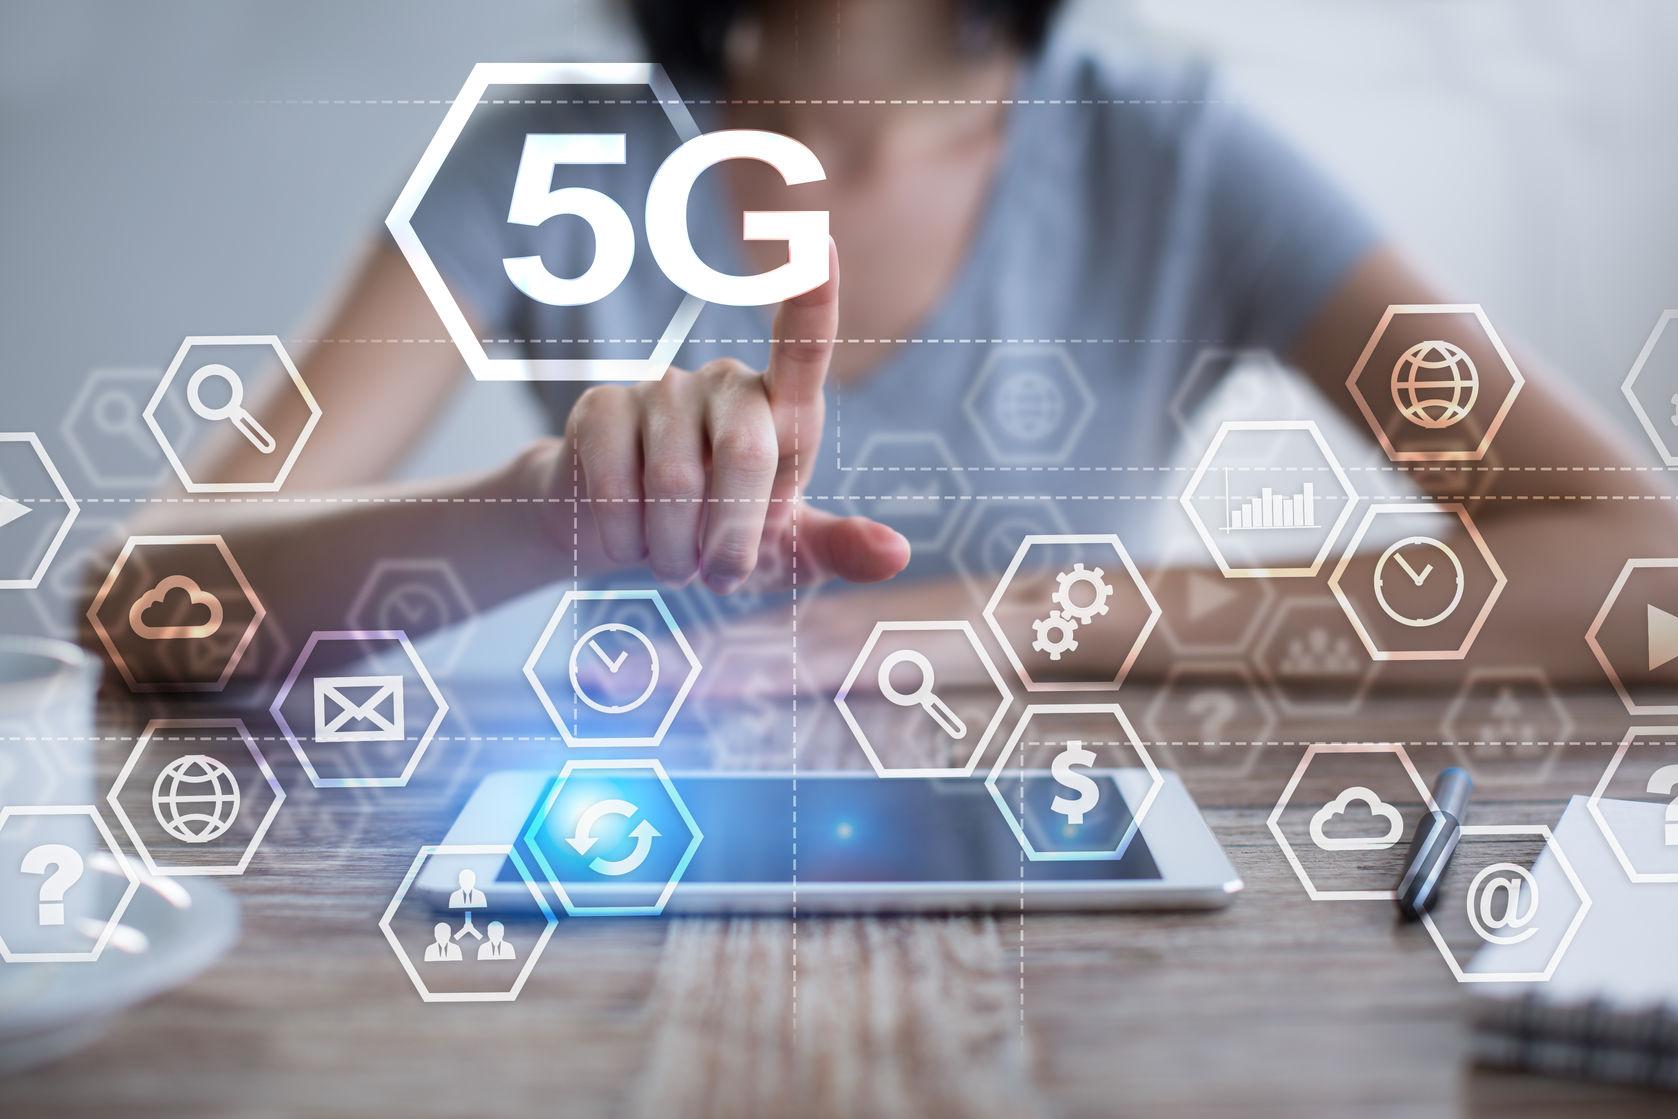 88家企业被机构调研 5G产业链及家电白马股受青睐